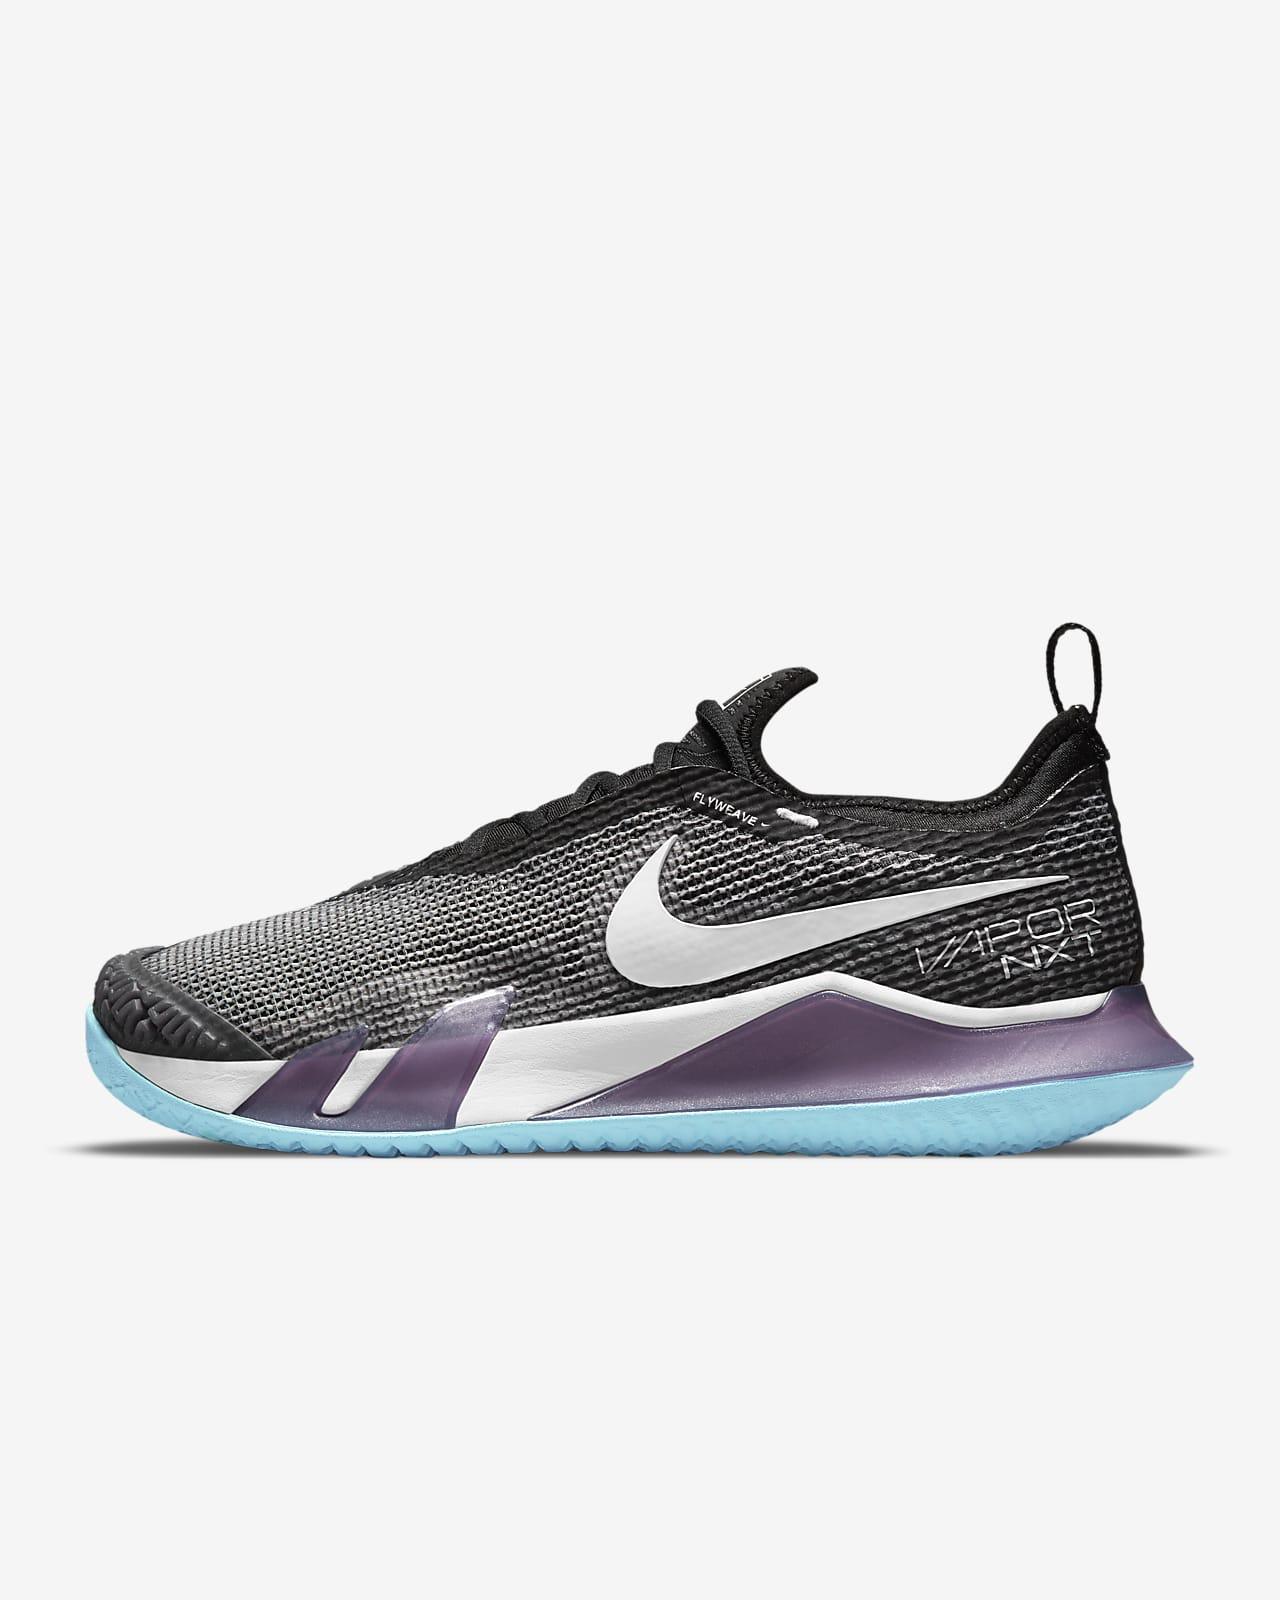 Calzado de tenis para cancha dura para mujer NikeCourt React Vapor NXT